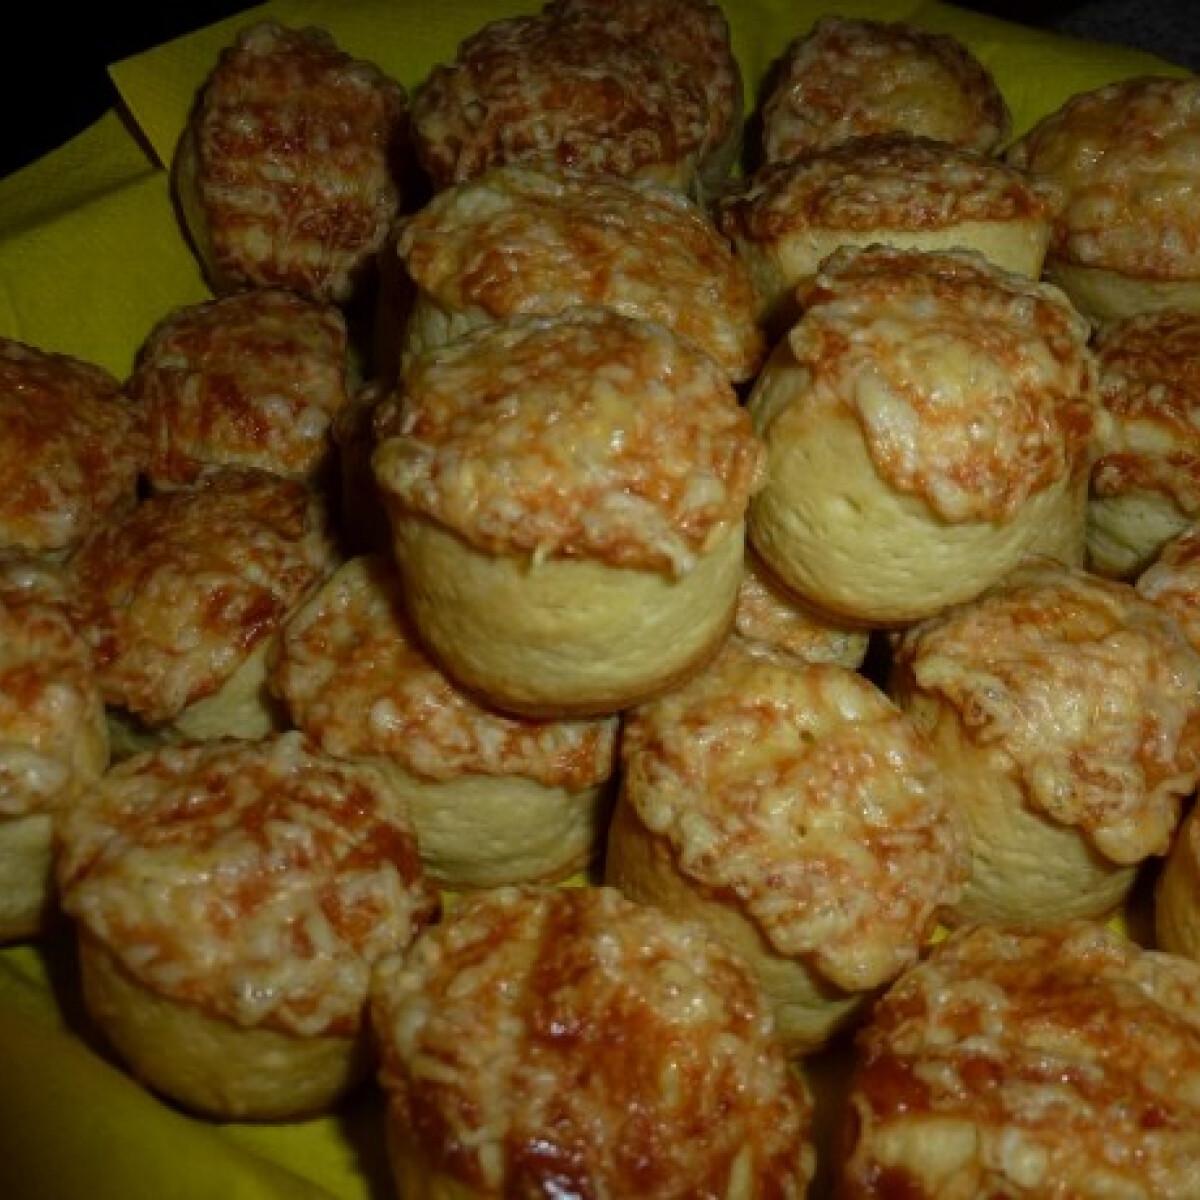 Pihe-puha sajtos pogácsa Kapcsa-Iannuzzella konyhájából